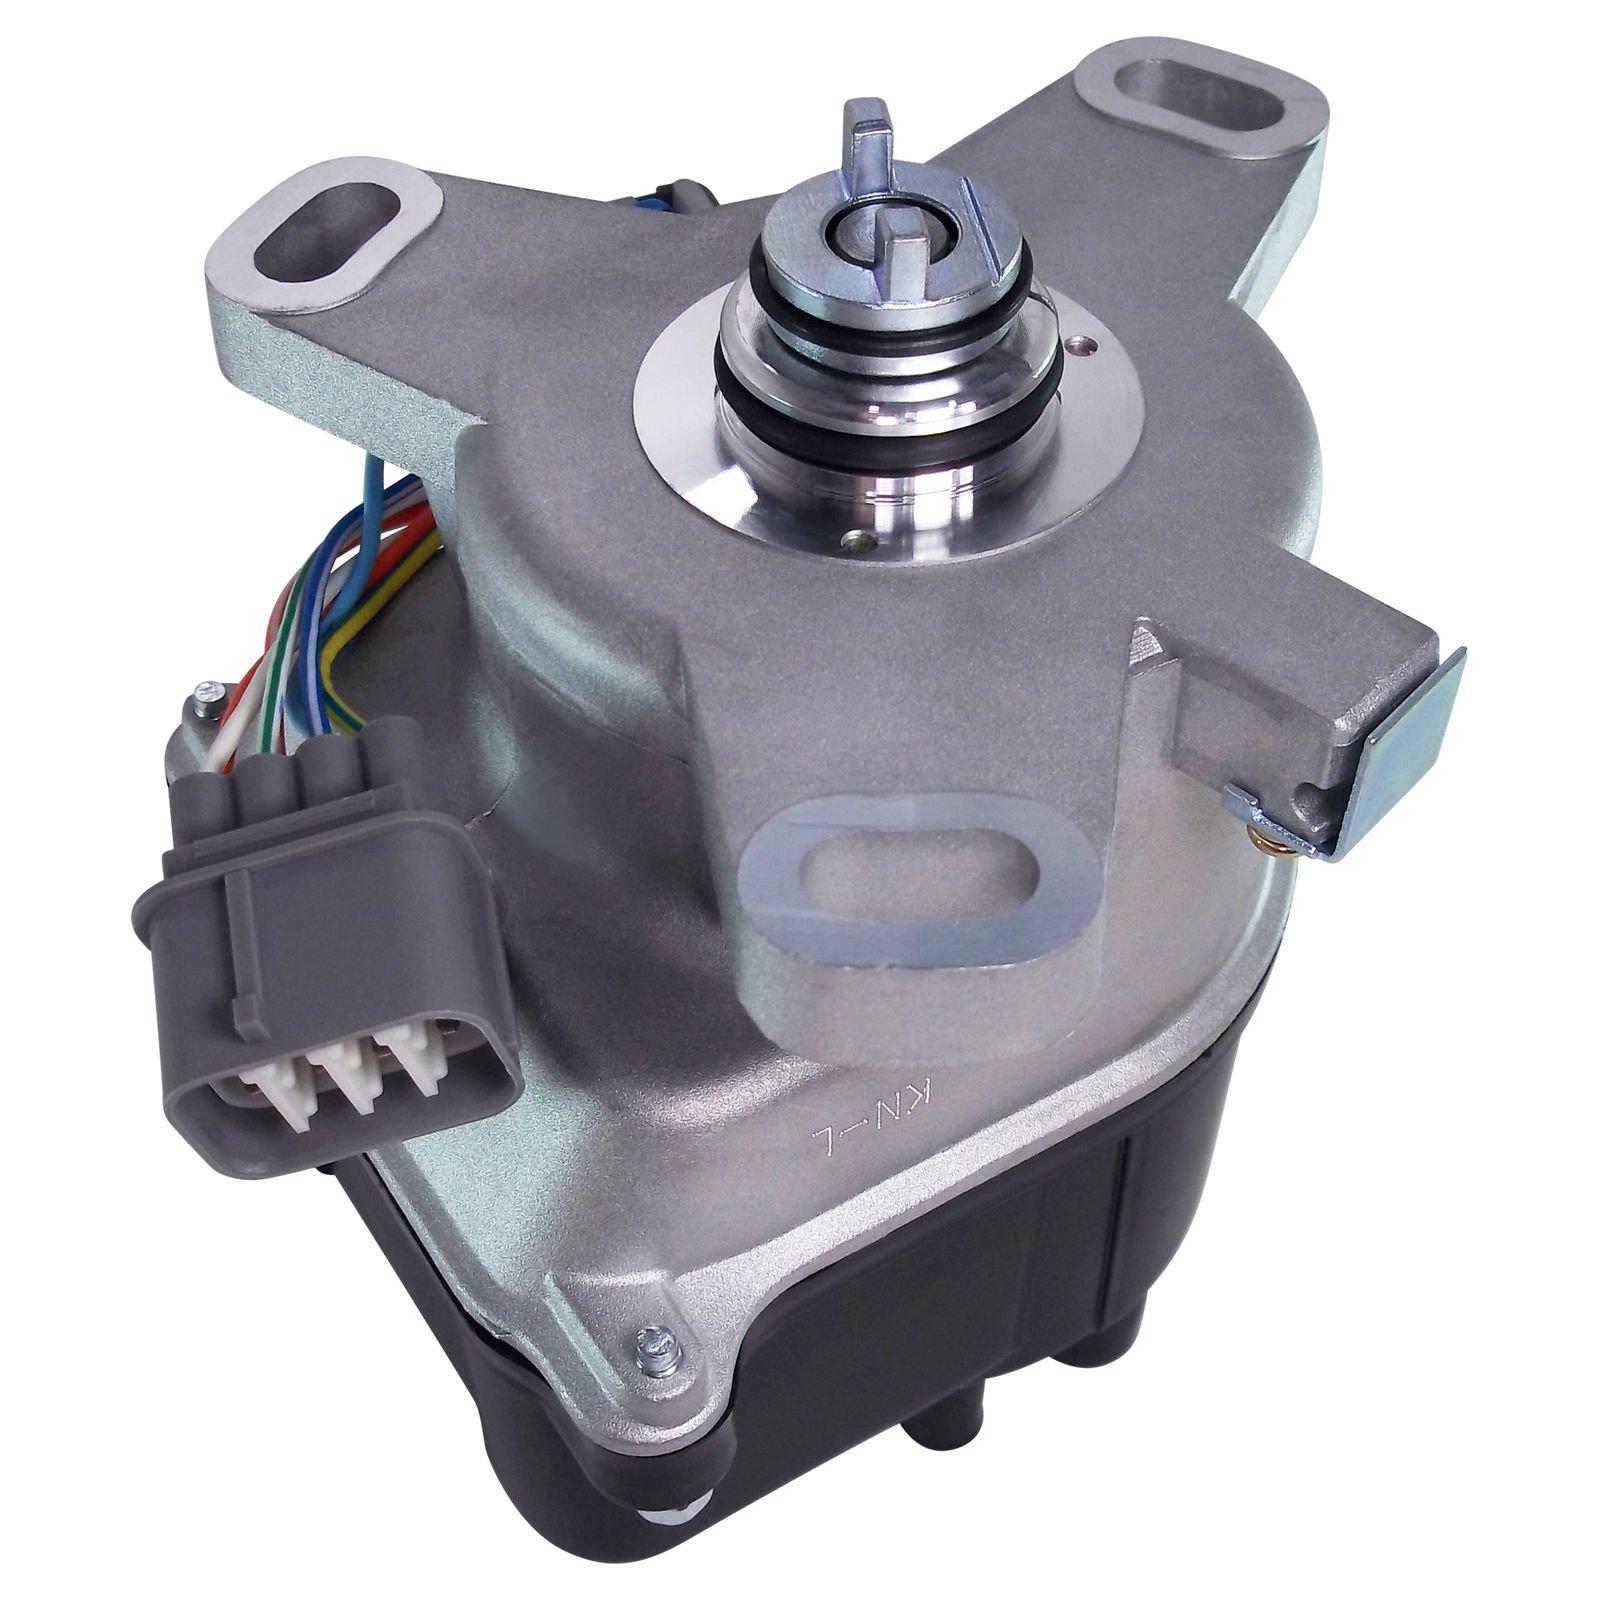 Ignition Distributor for 92-95 Honda Civic 1.5L 1.6L VTEC fits D16Z6OBD1 / TD-42U / TD42U